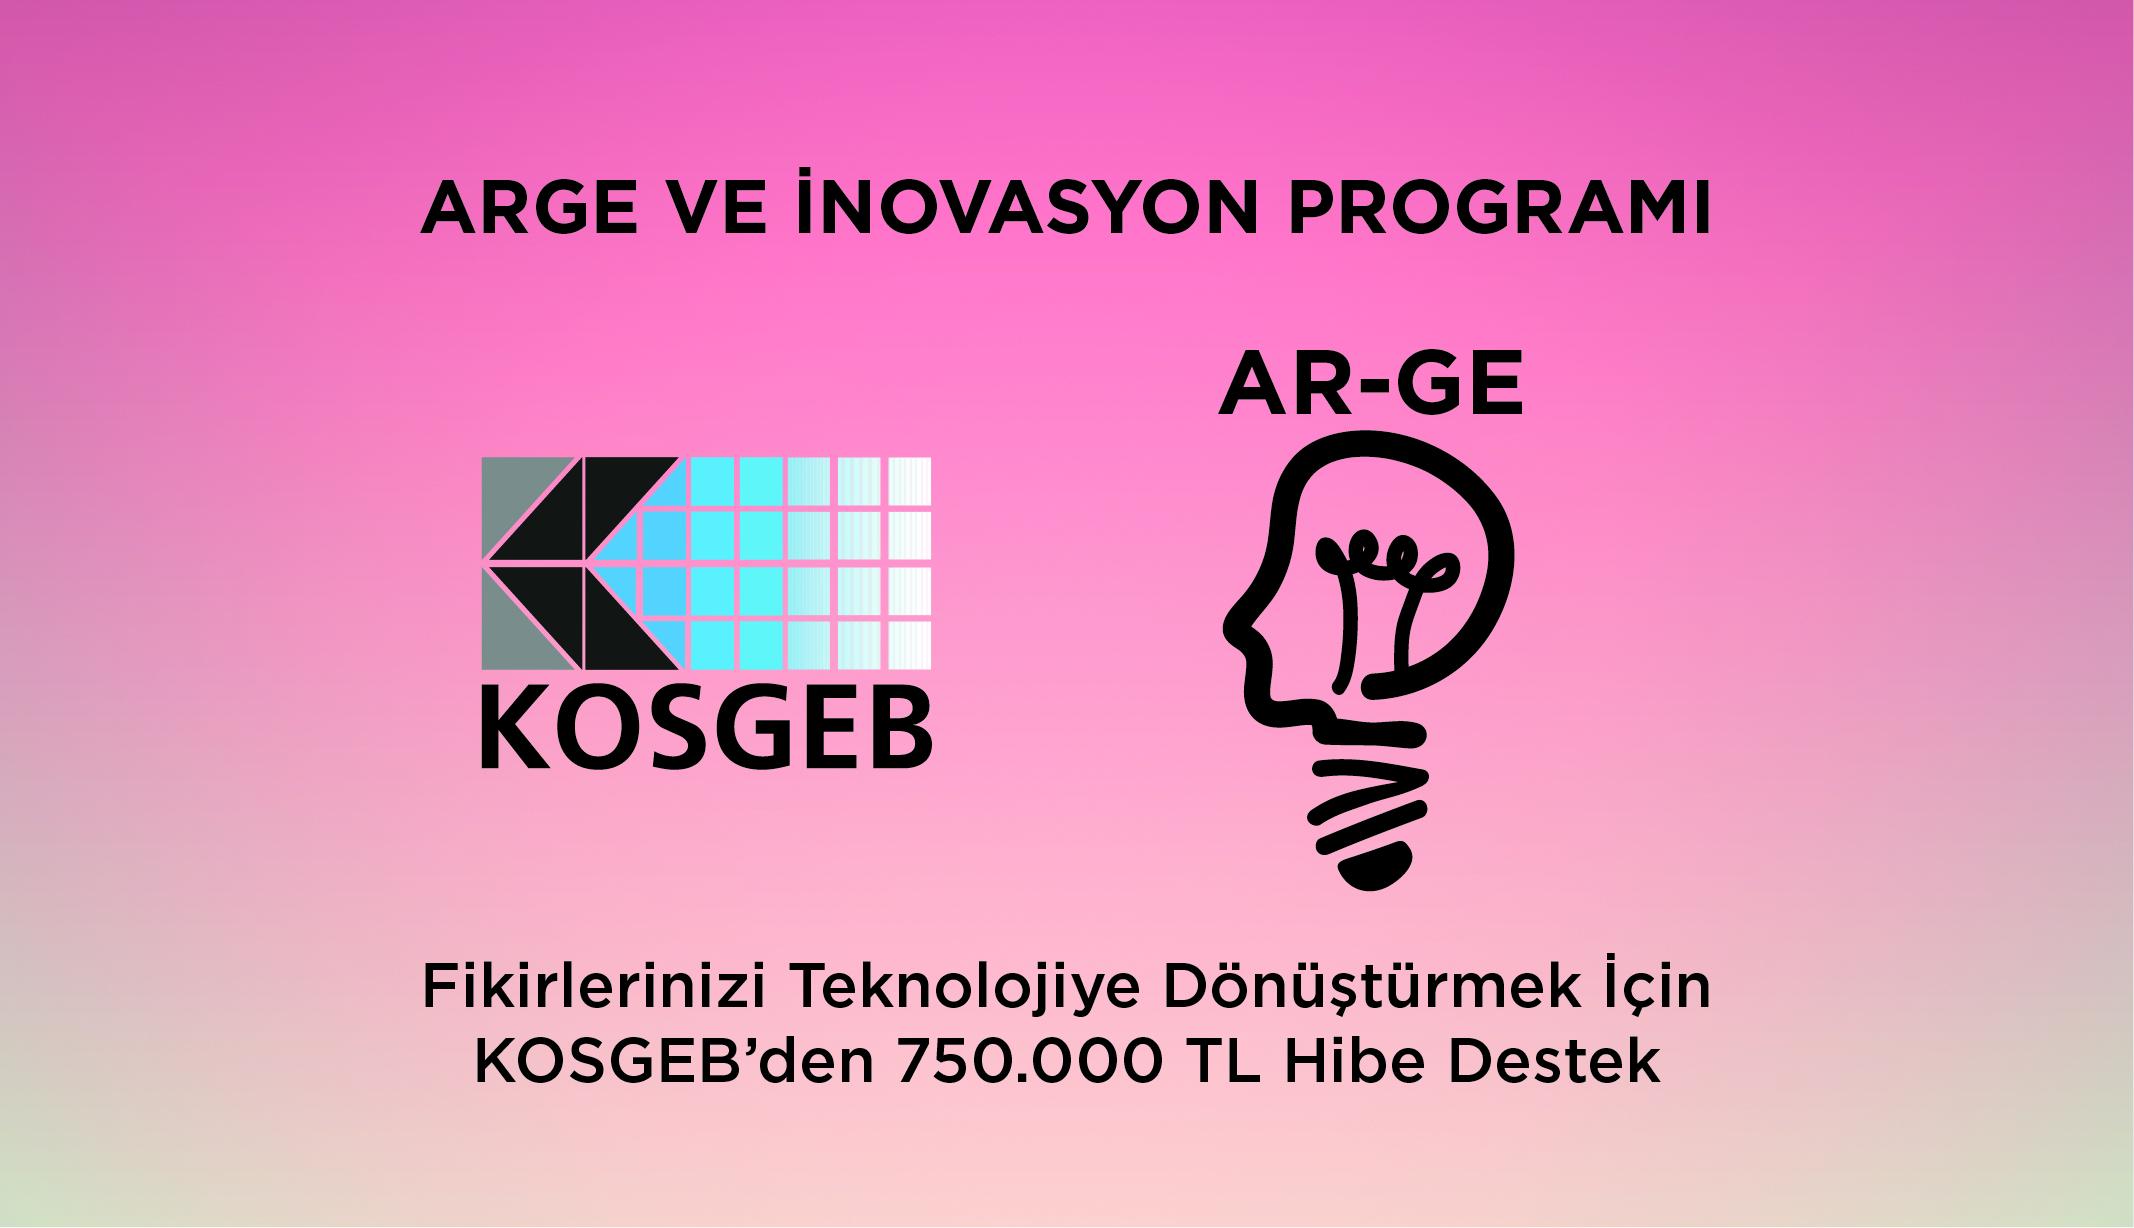 AR-GE ve İnovasyon Destek Programı